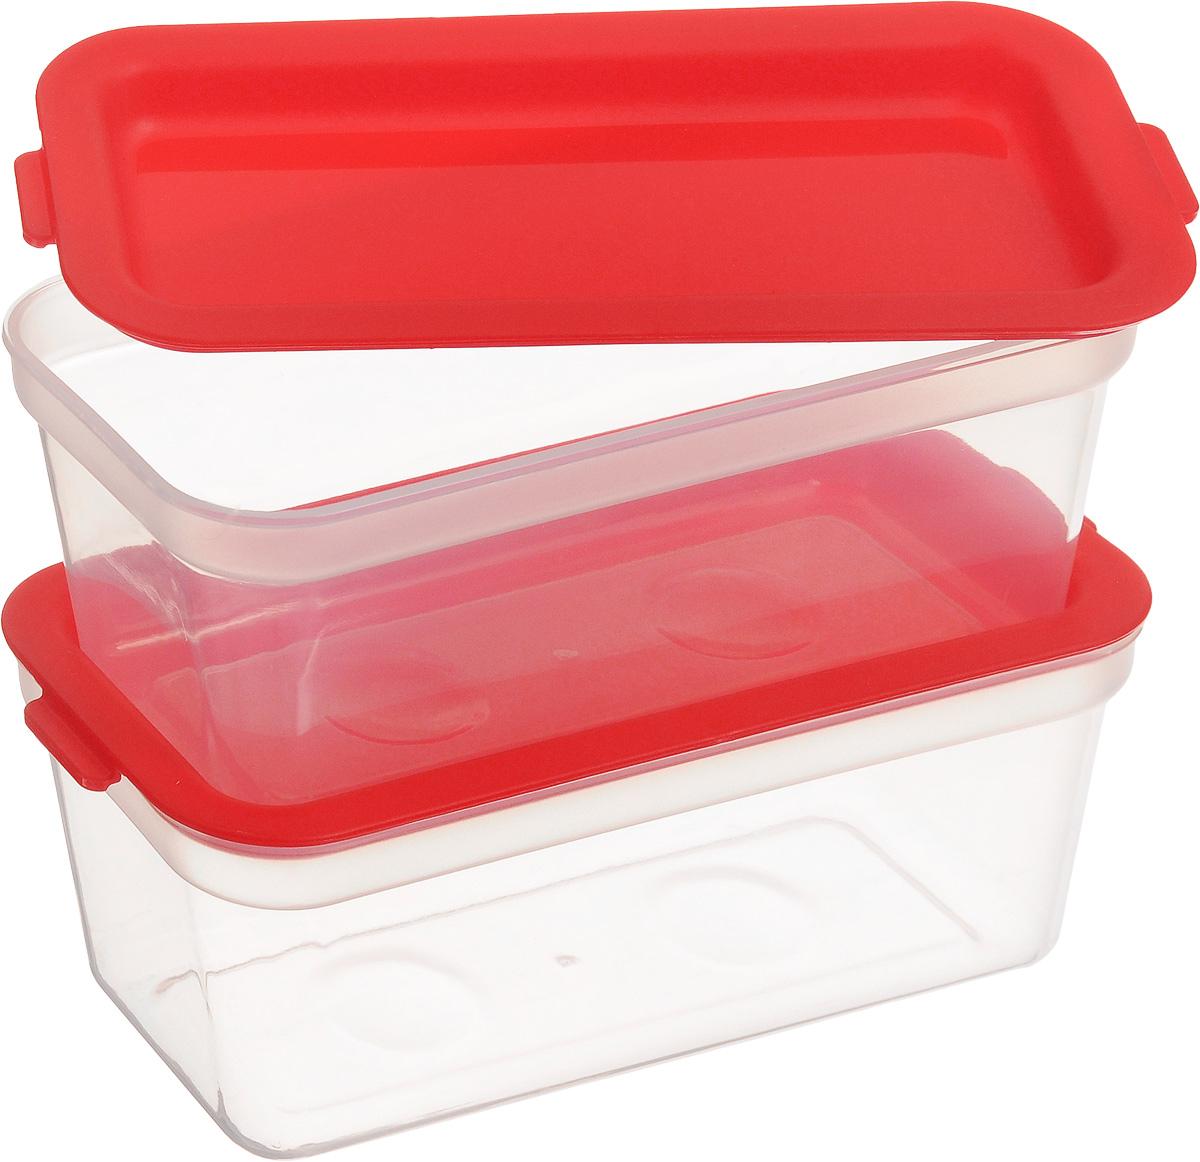 """Набор контейнеров для заморозки Tescoma """"Purity"""", цвет: красный, прозрачный, 300 мл, 2 шт"""